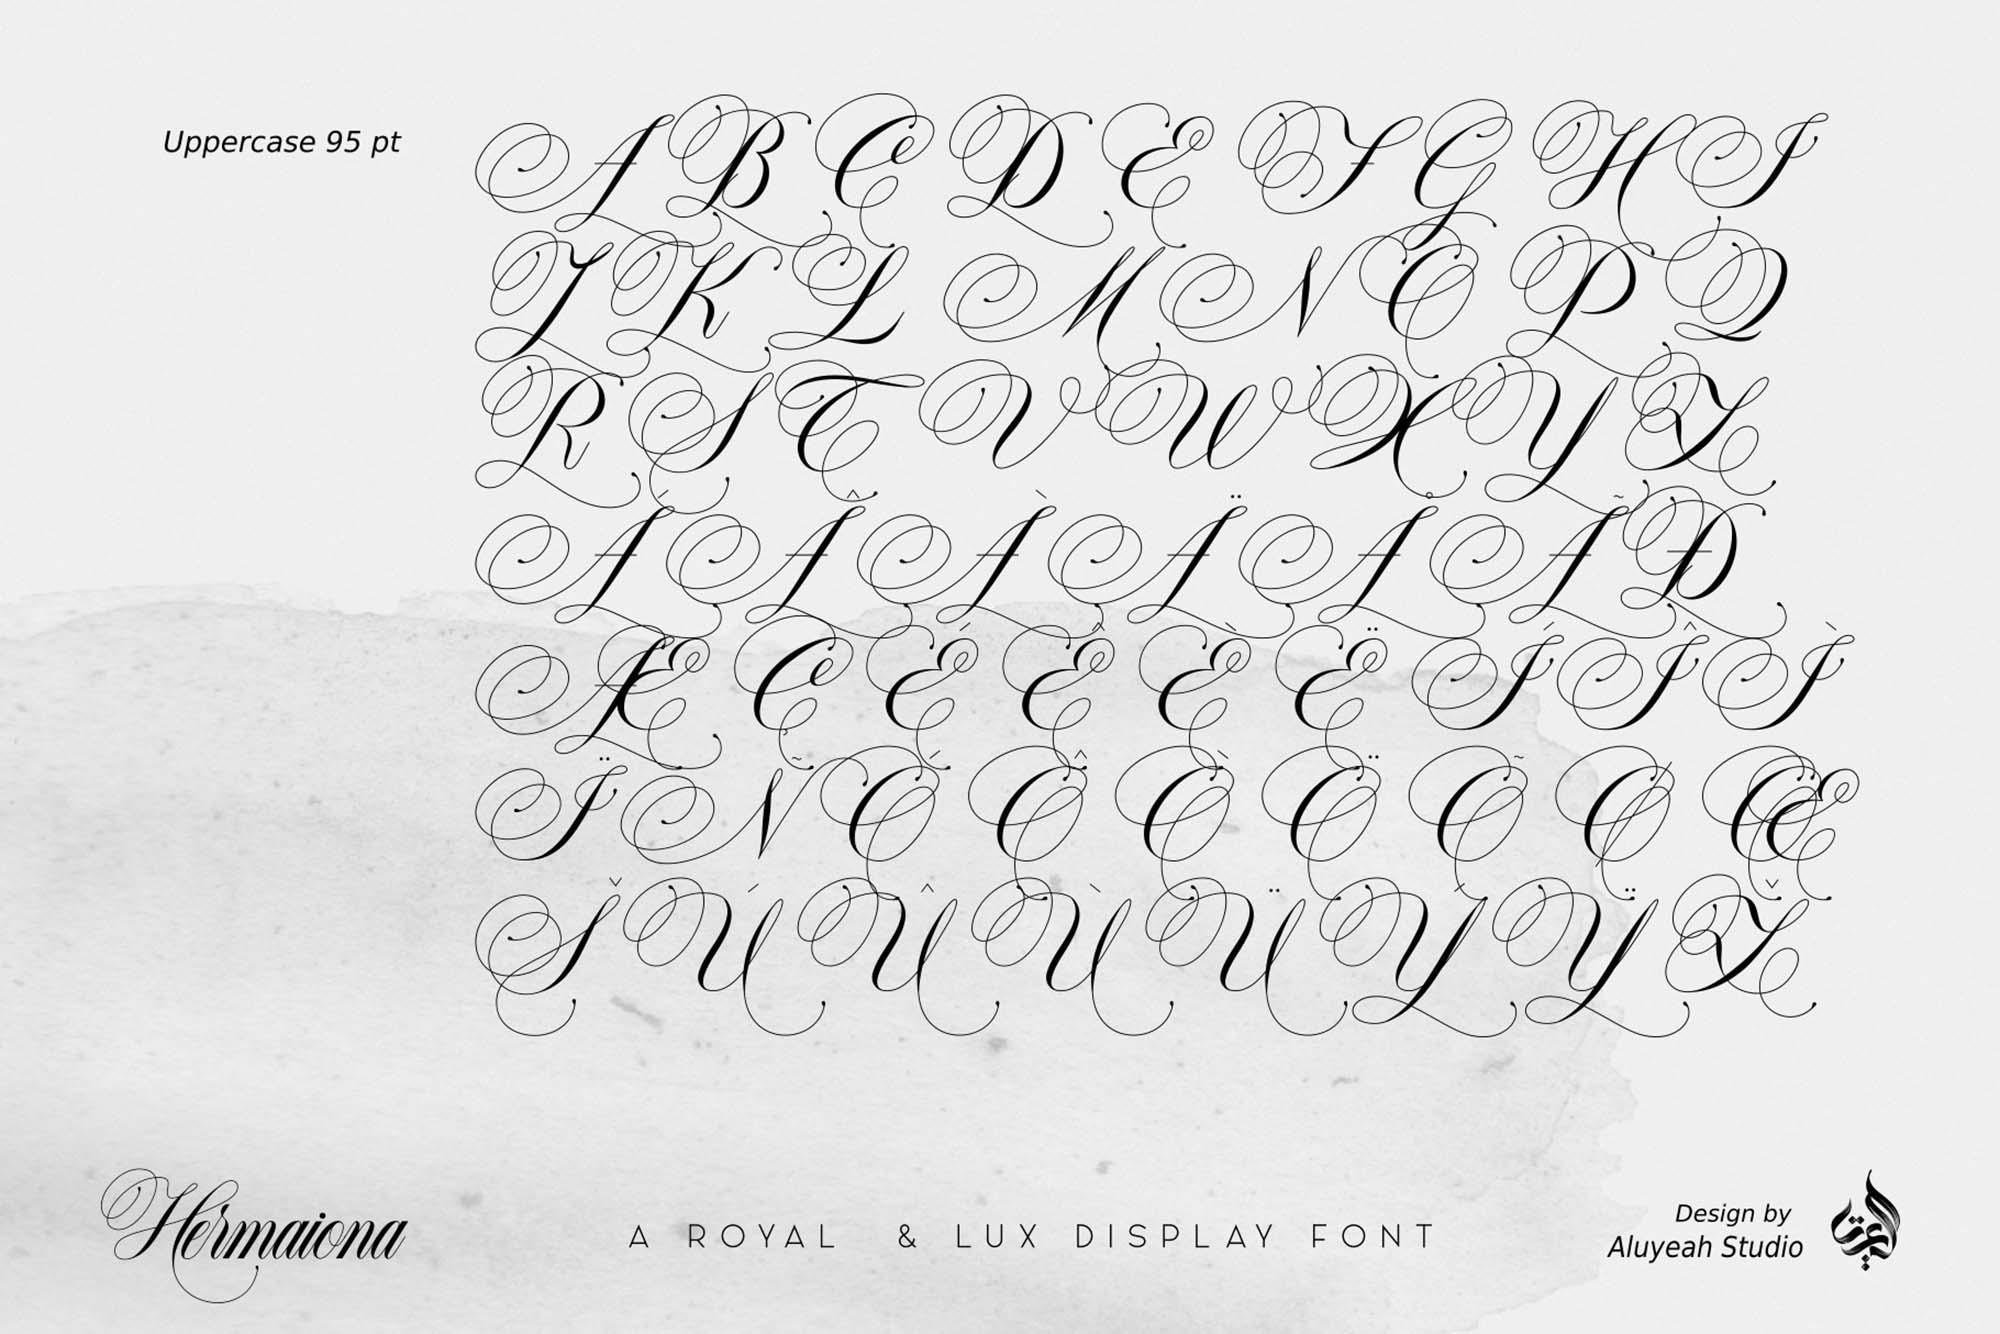 Hermaiona Royal Font 8